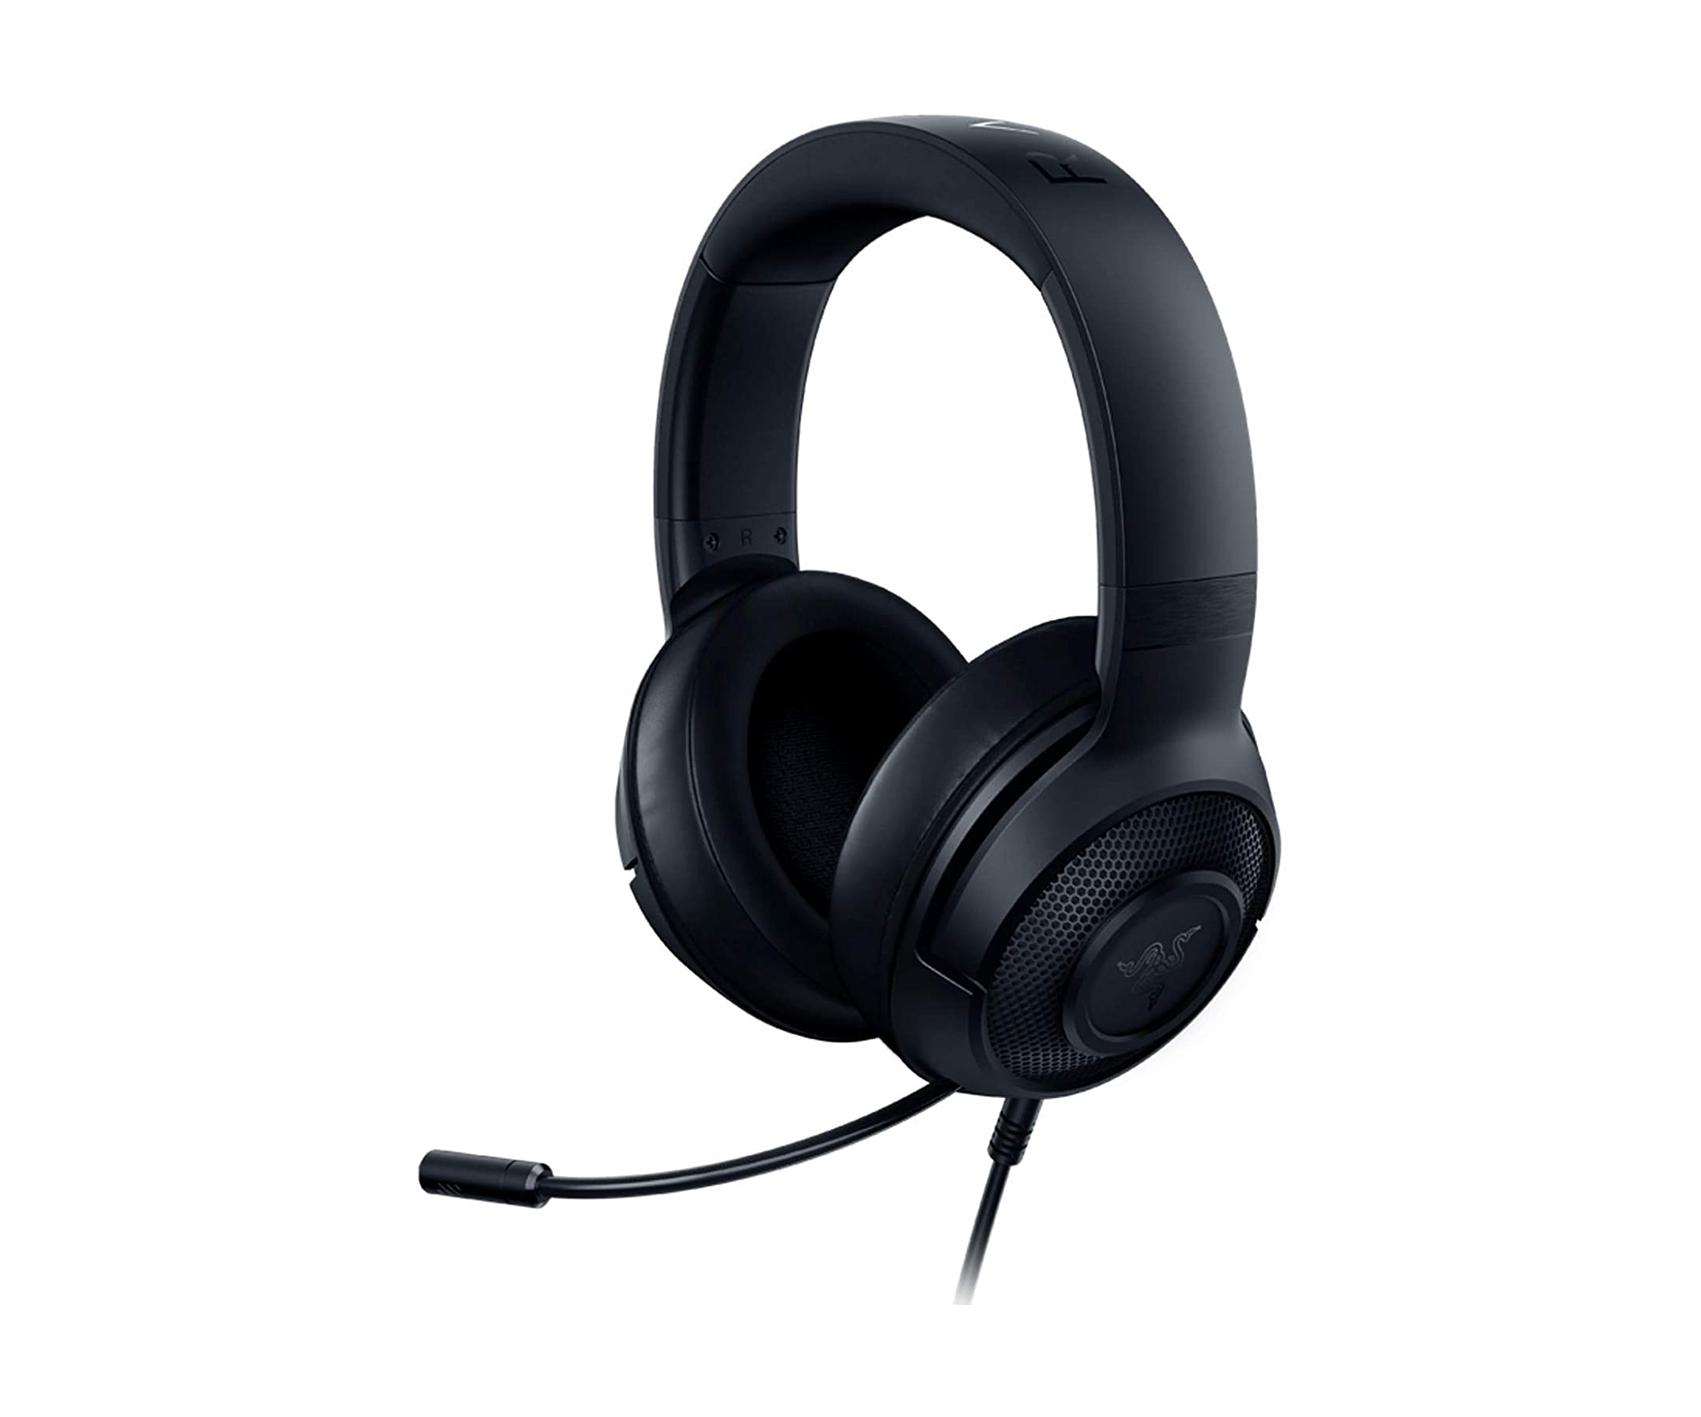 Razer Kraken X - Black 7.1 surround sound Headset